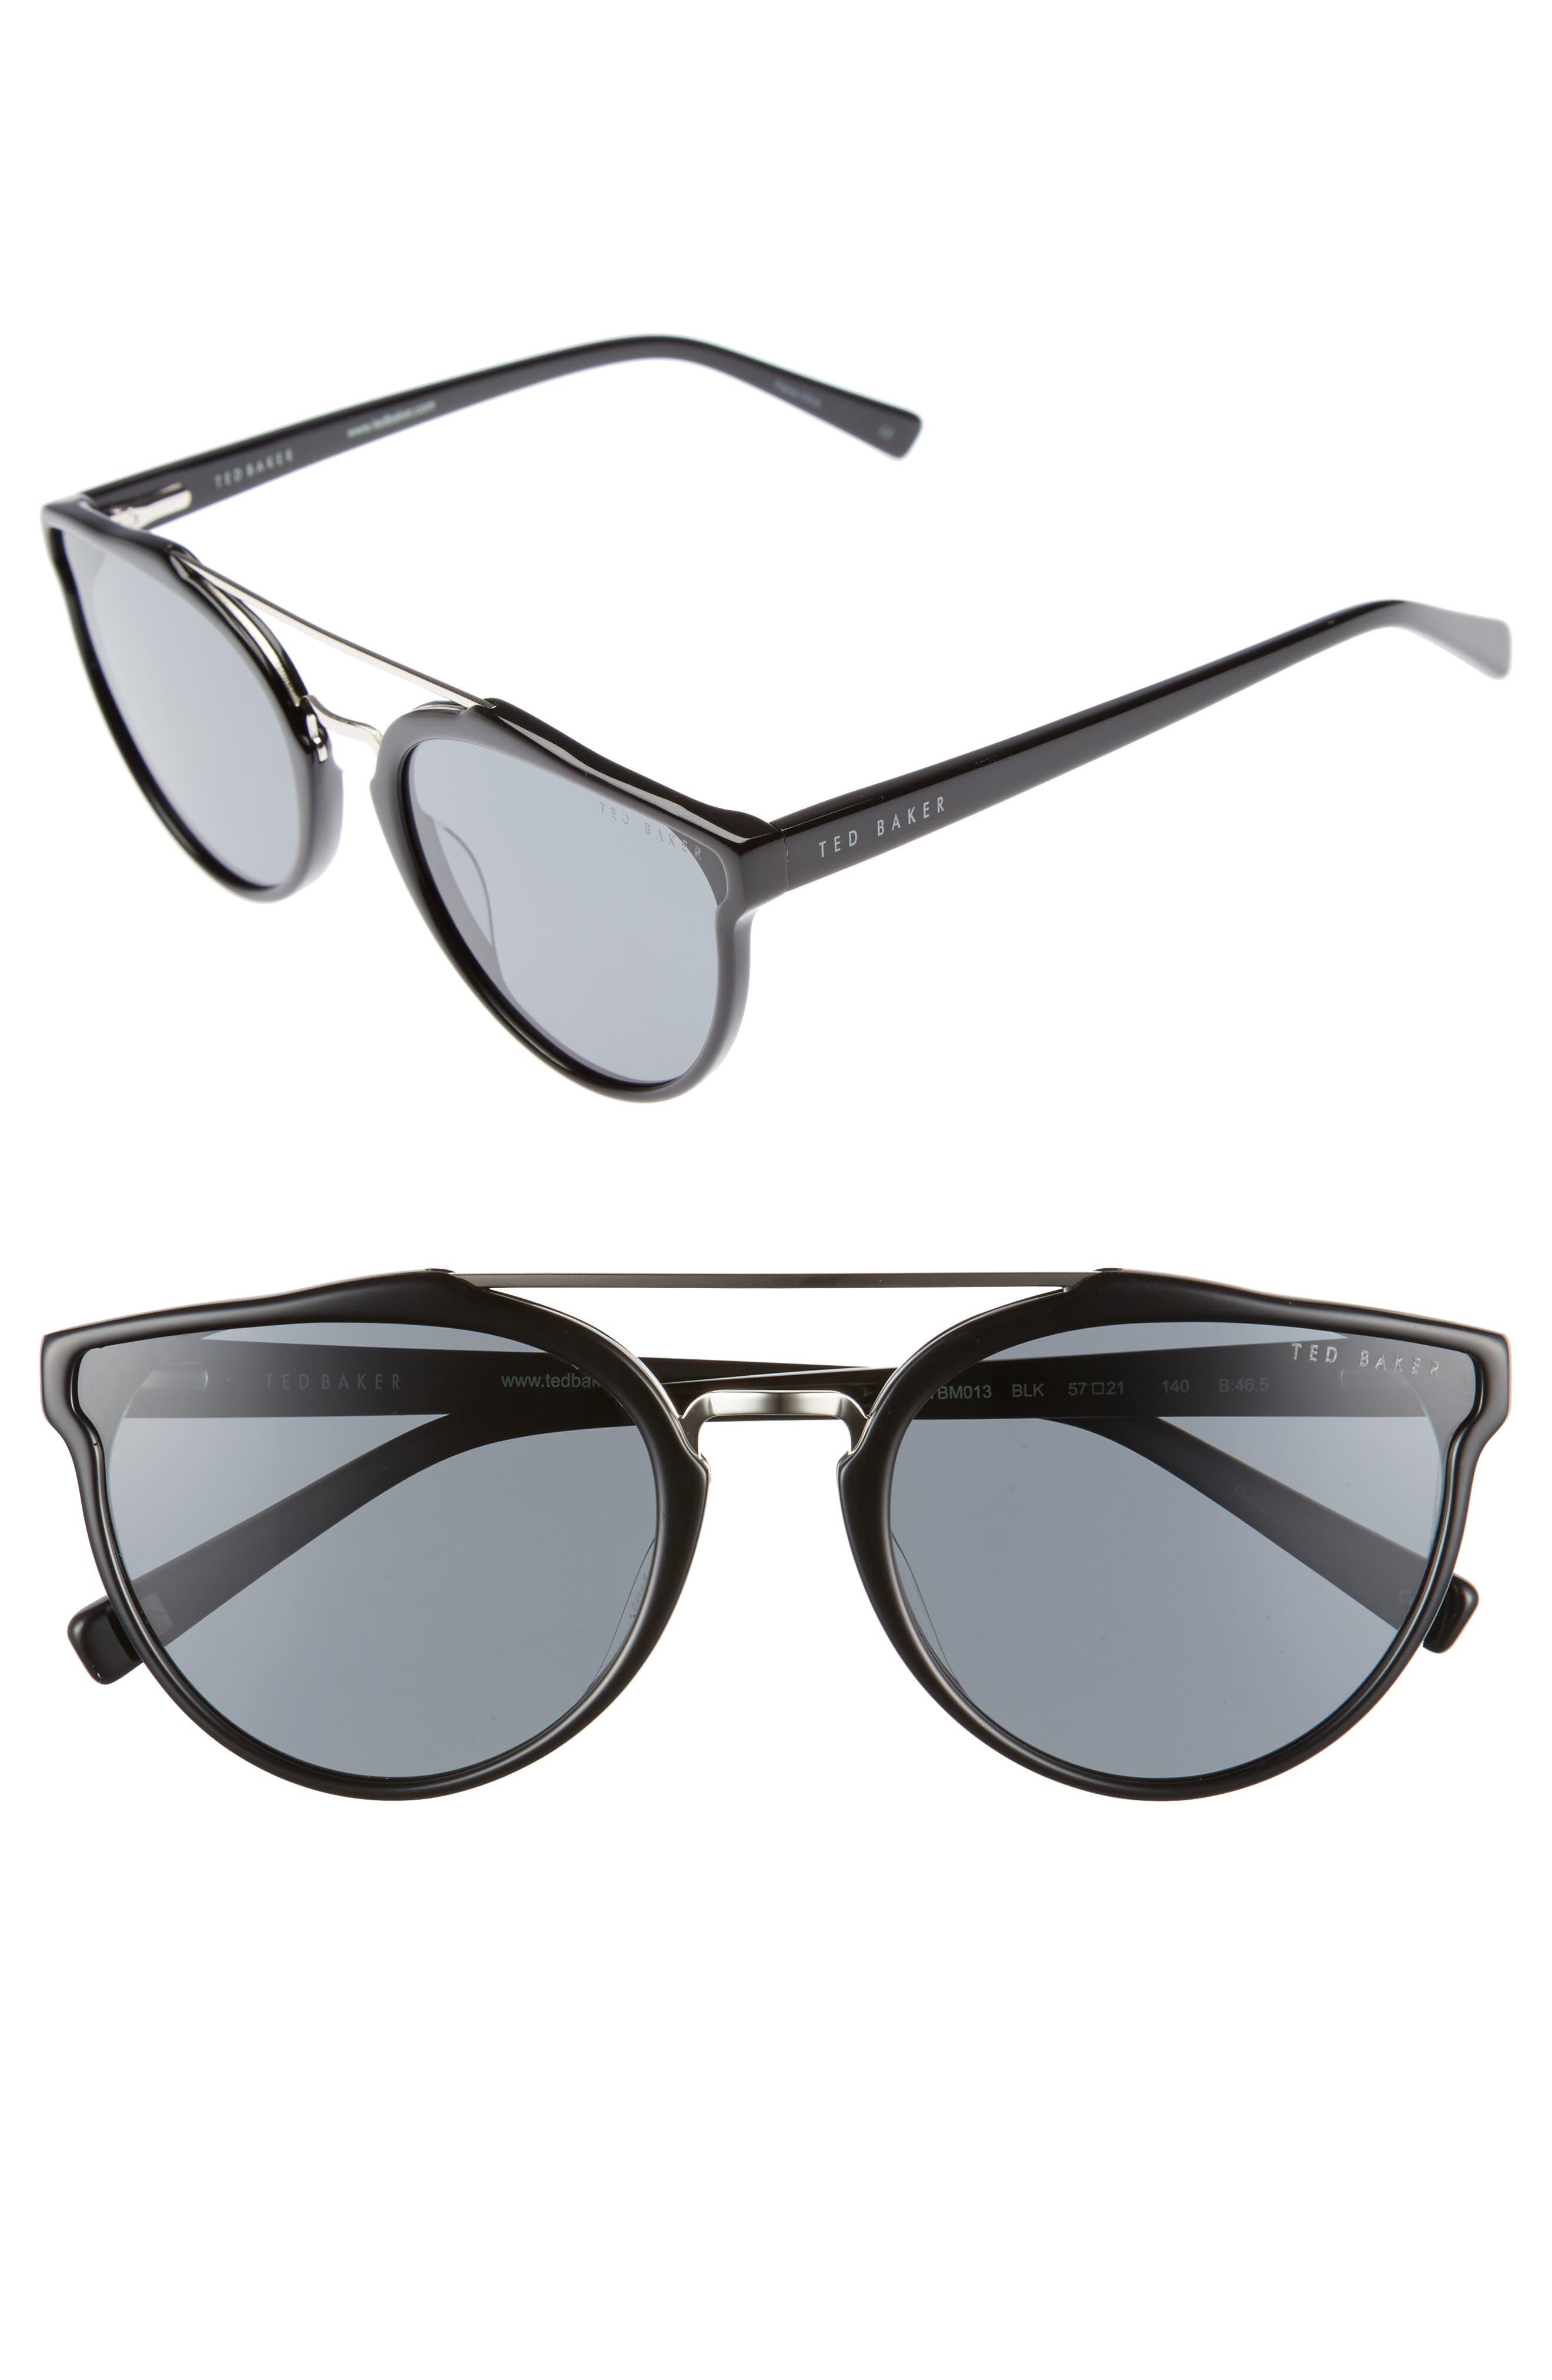 Retro 57mm Polarized Sunglasses,                             Main thumbnail 1, color,                             Black